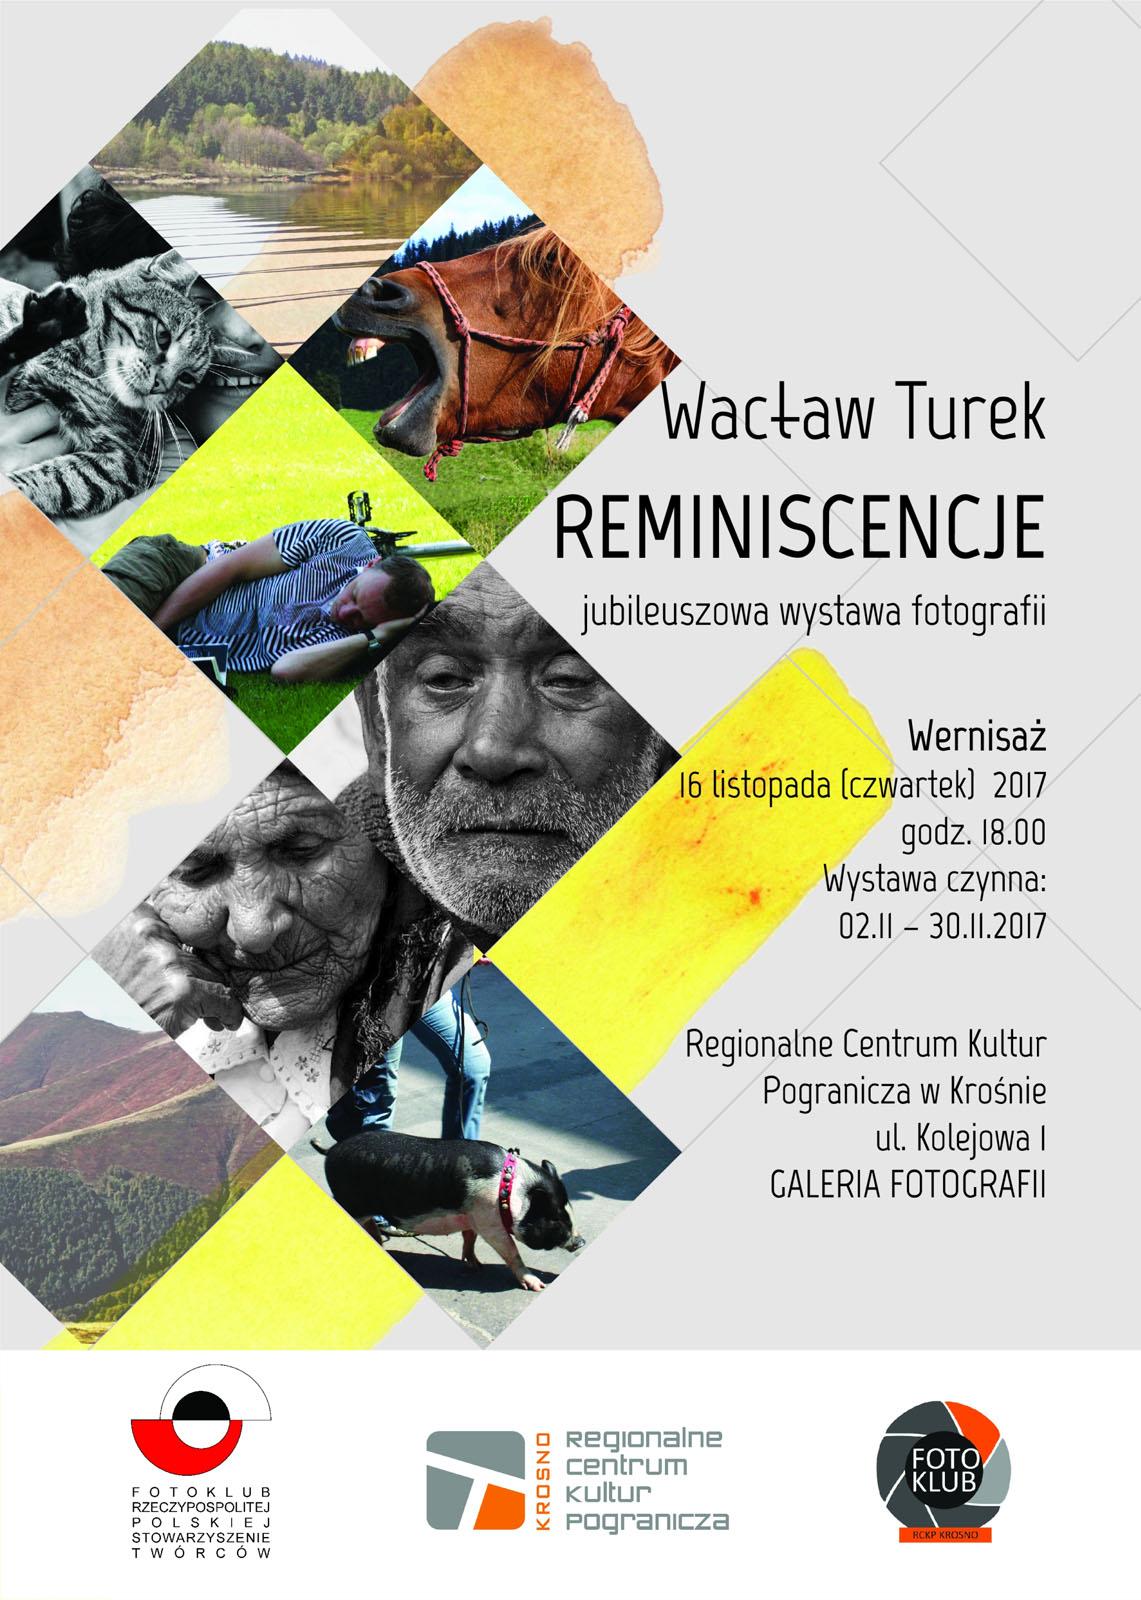 Wacław Turek